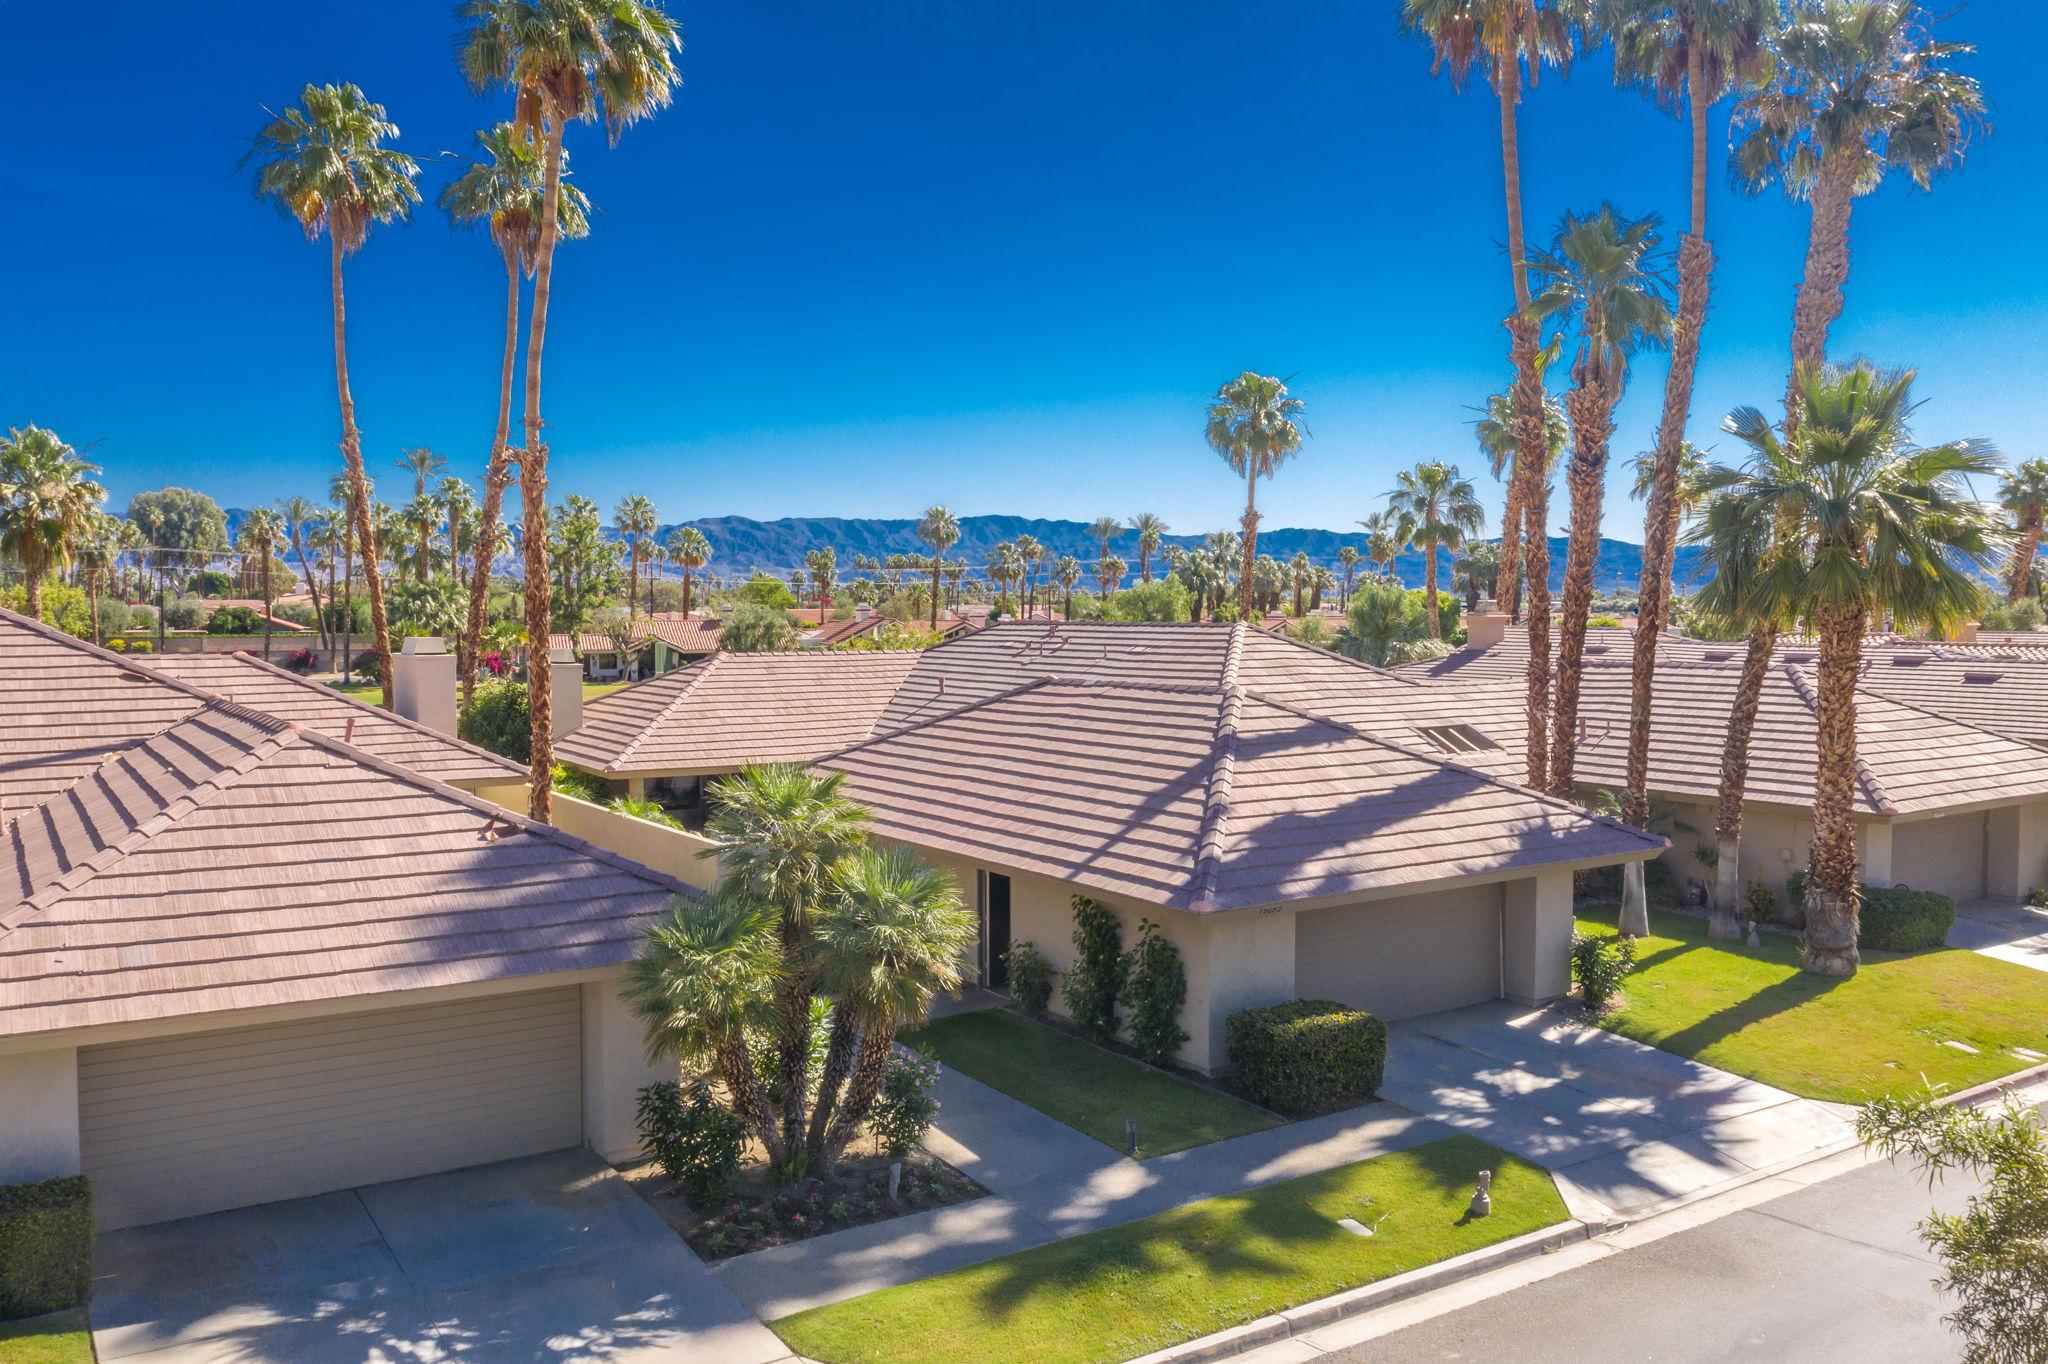 78082 Cll Norte, La Quinta, CA 92253, US